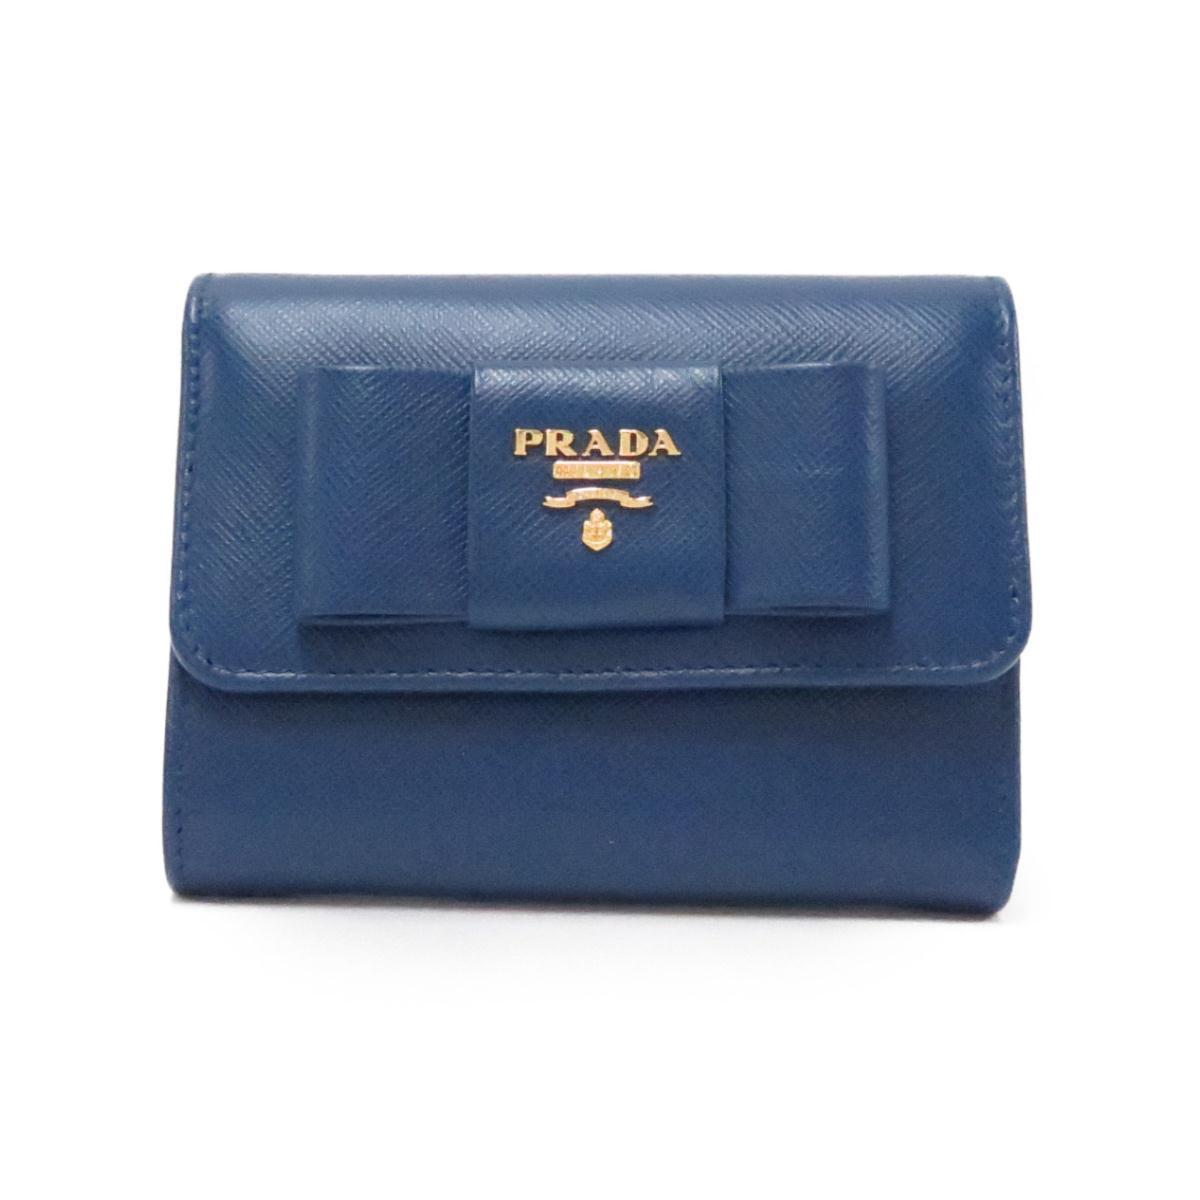 メーカー公式ショップ 新品 プラダ 1MH840 財布 ご注文で当日配送